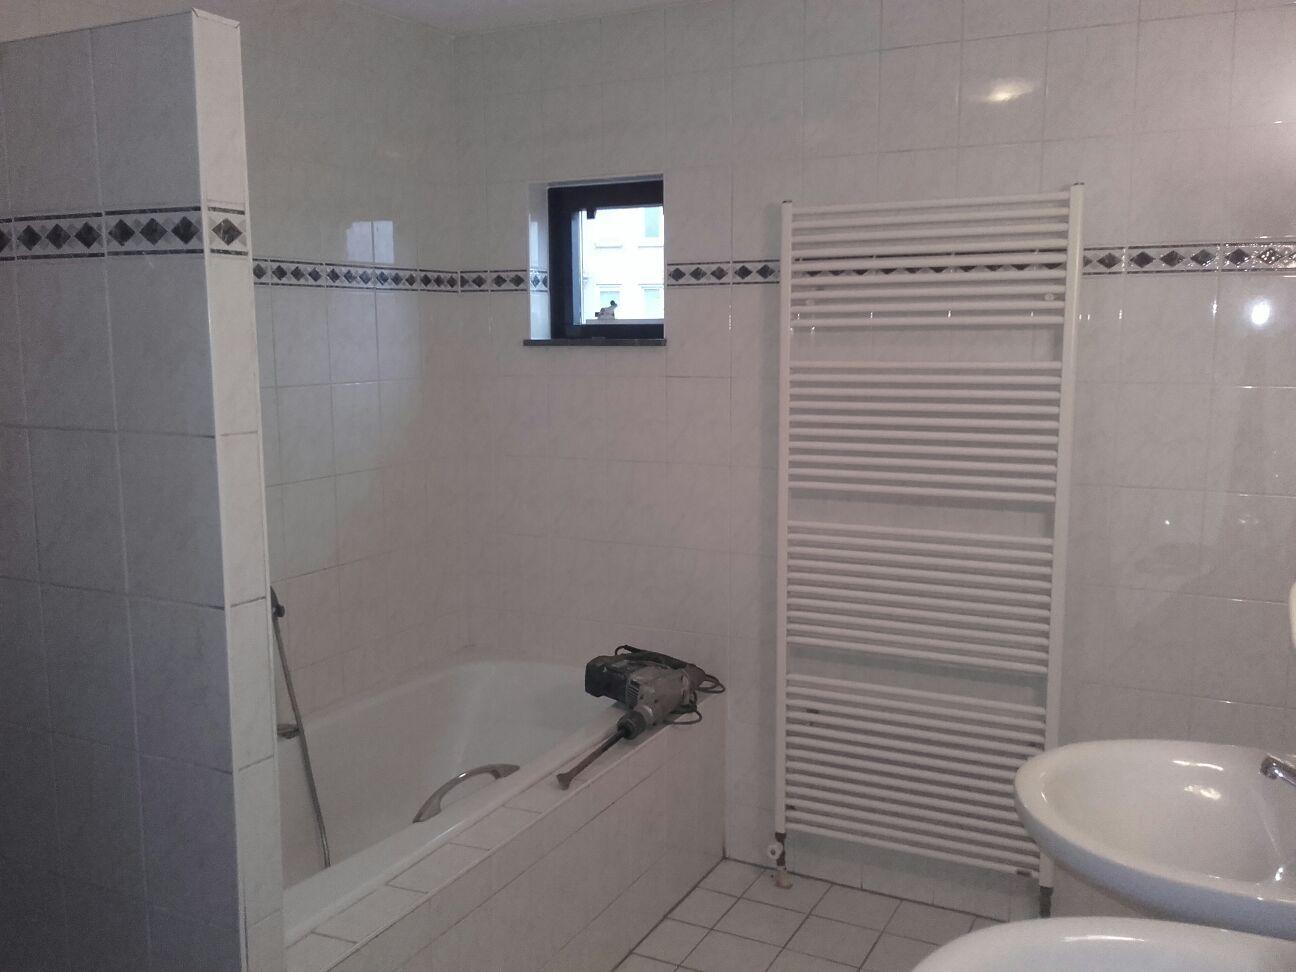 Badkamer laten slopen? snel netjes en altijd net iets goedkoper!